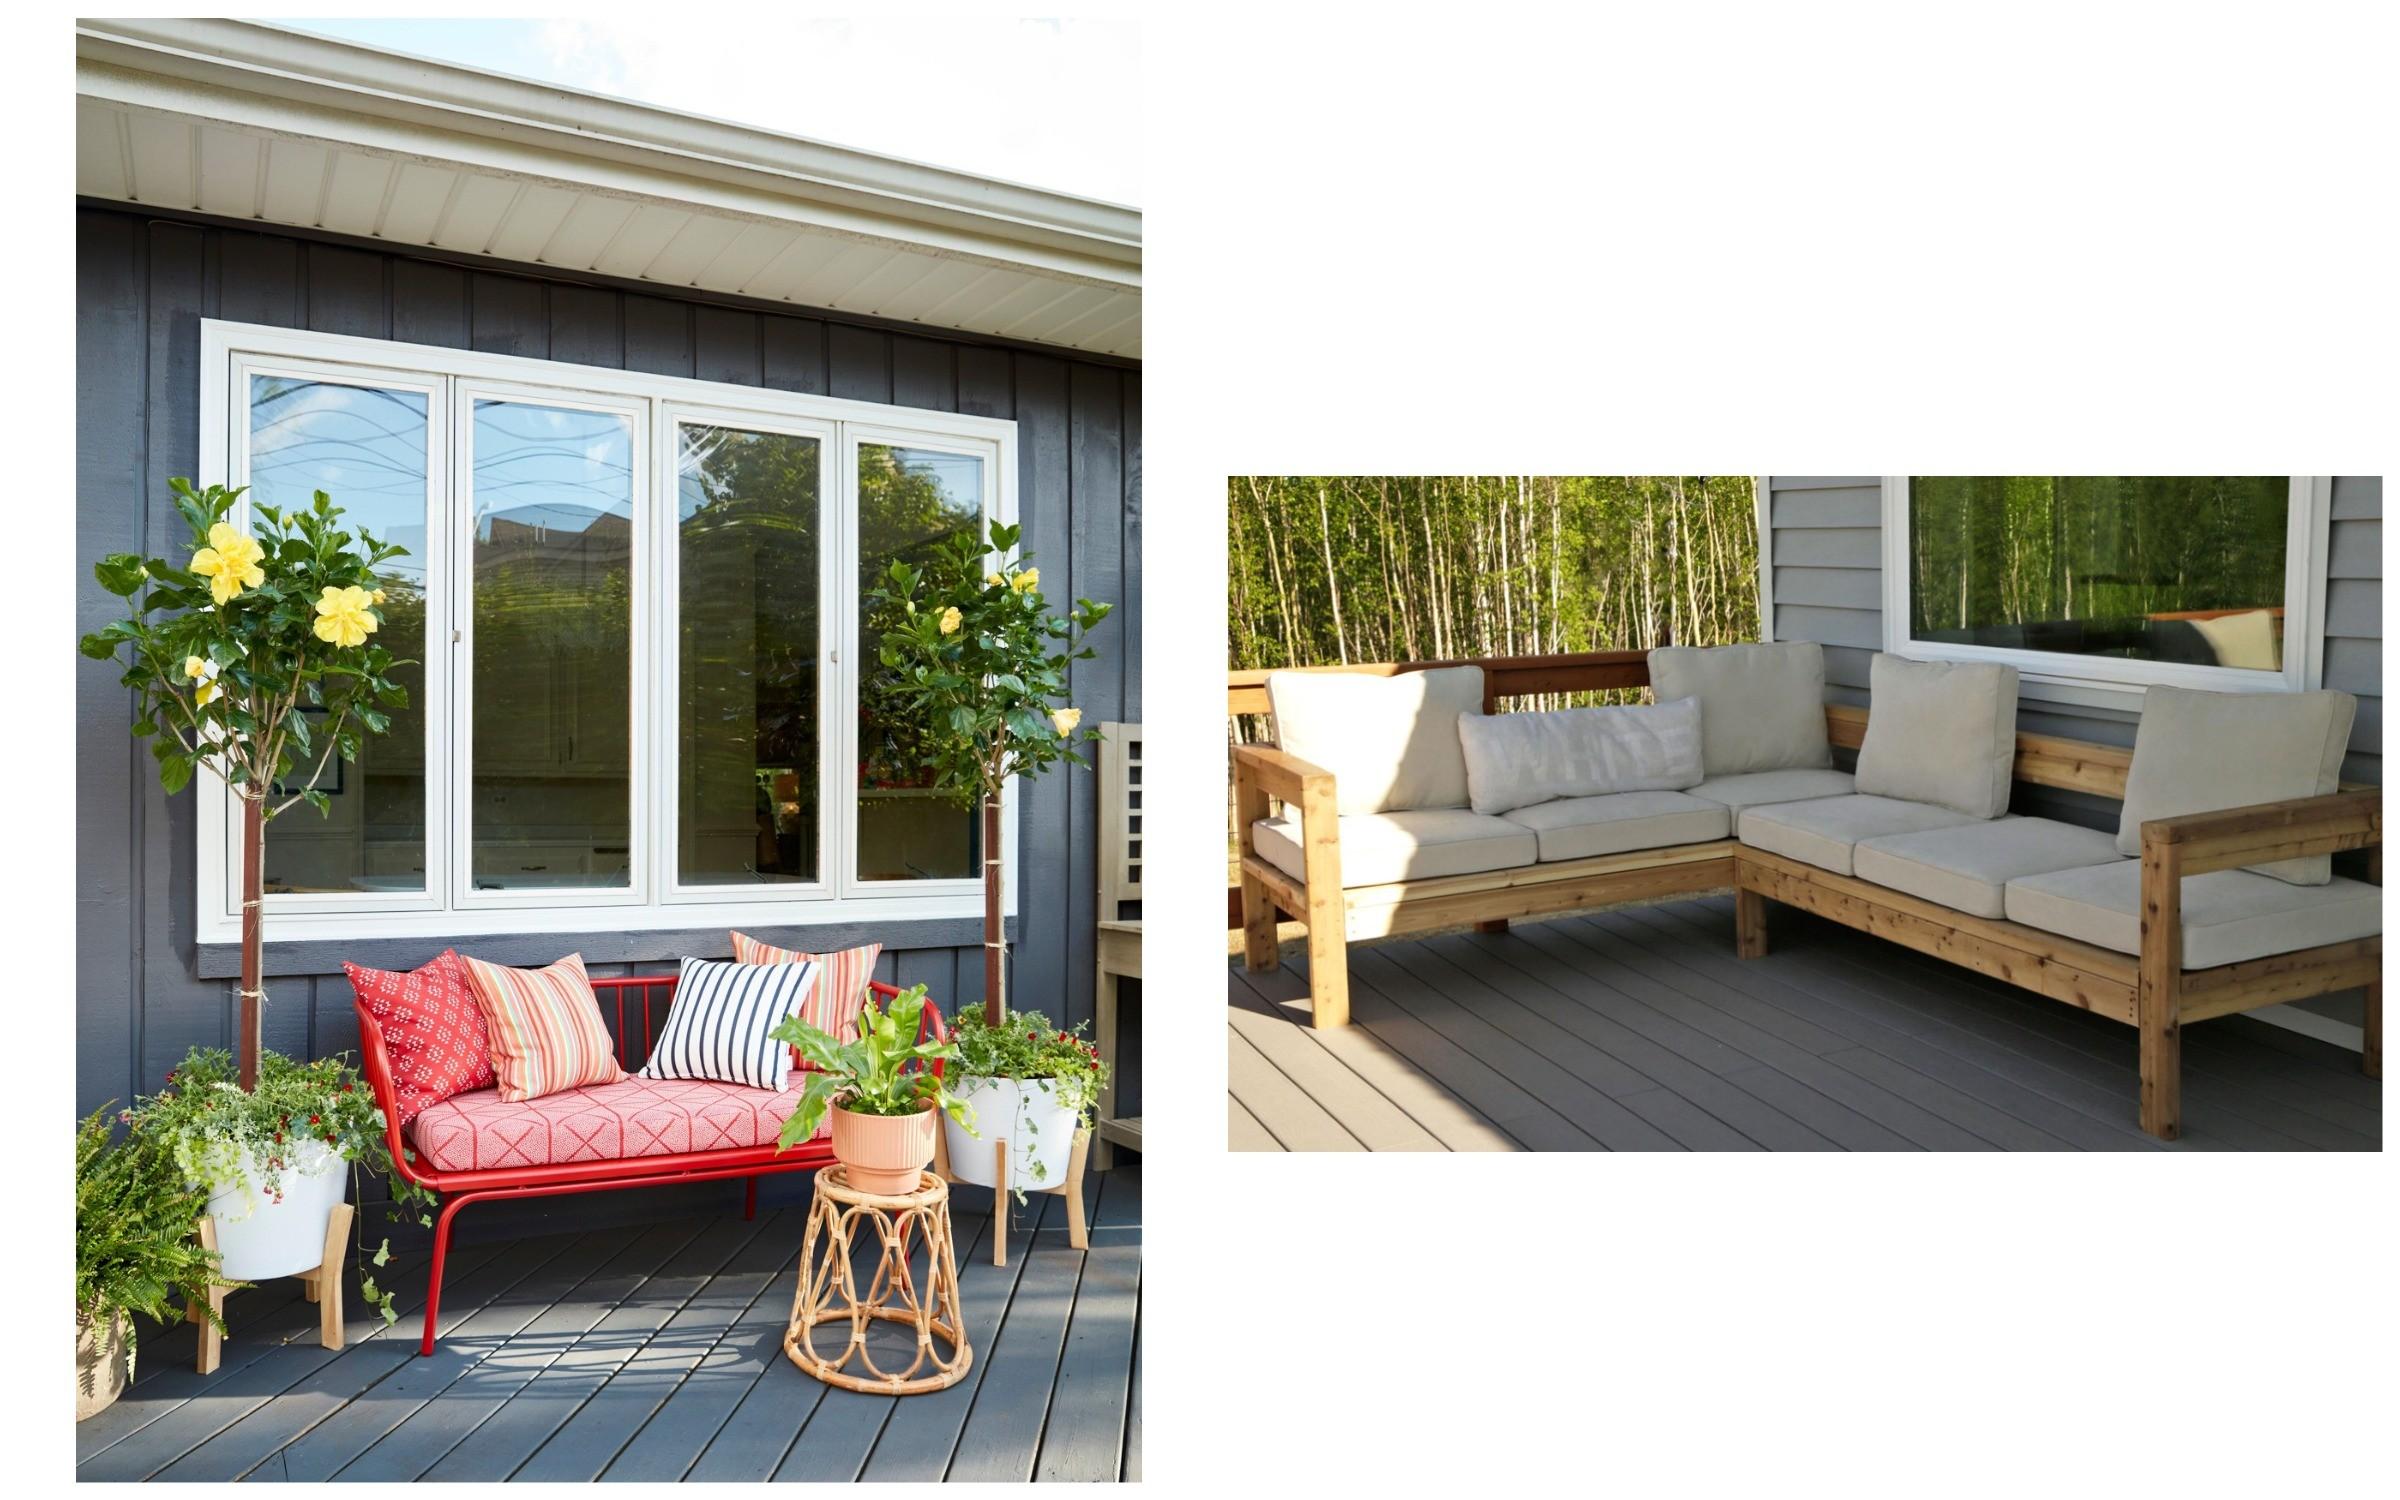 фото мебель для отдыха на улице